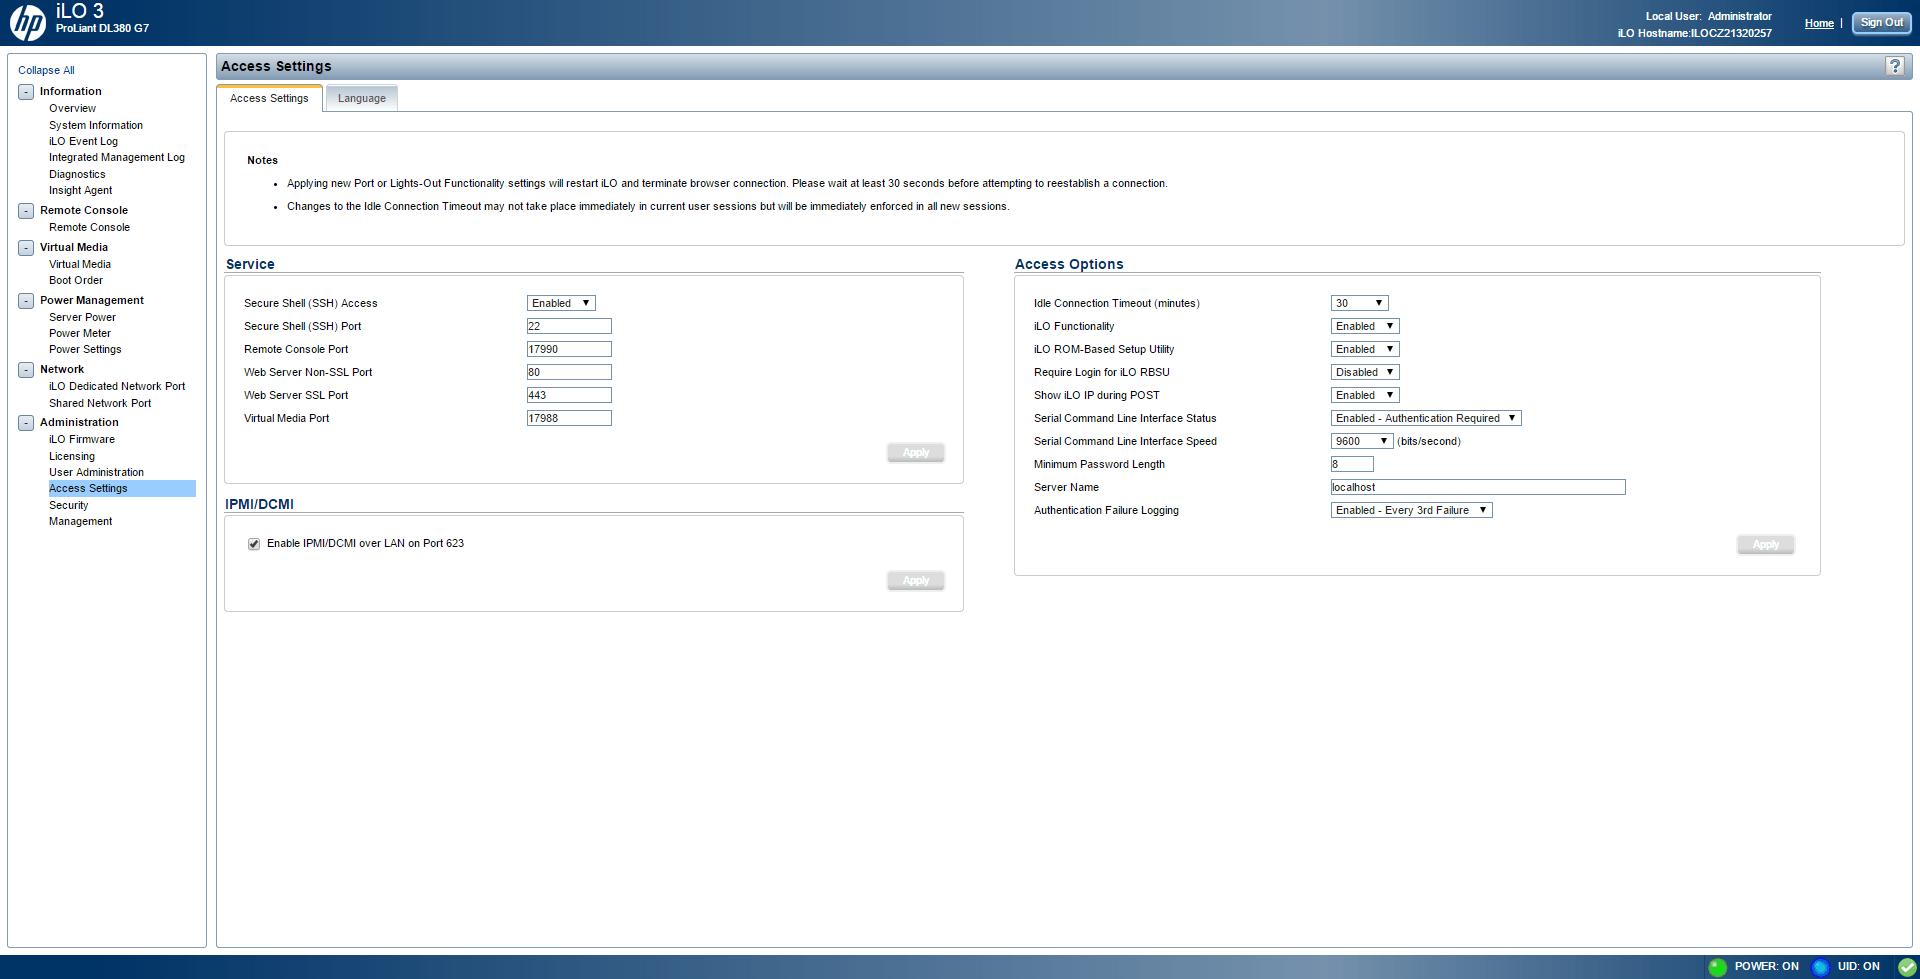 Обзор параметров ILO 3 в HP dl380 g7-25